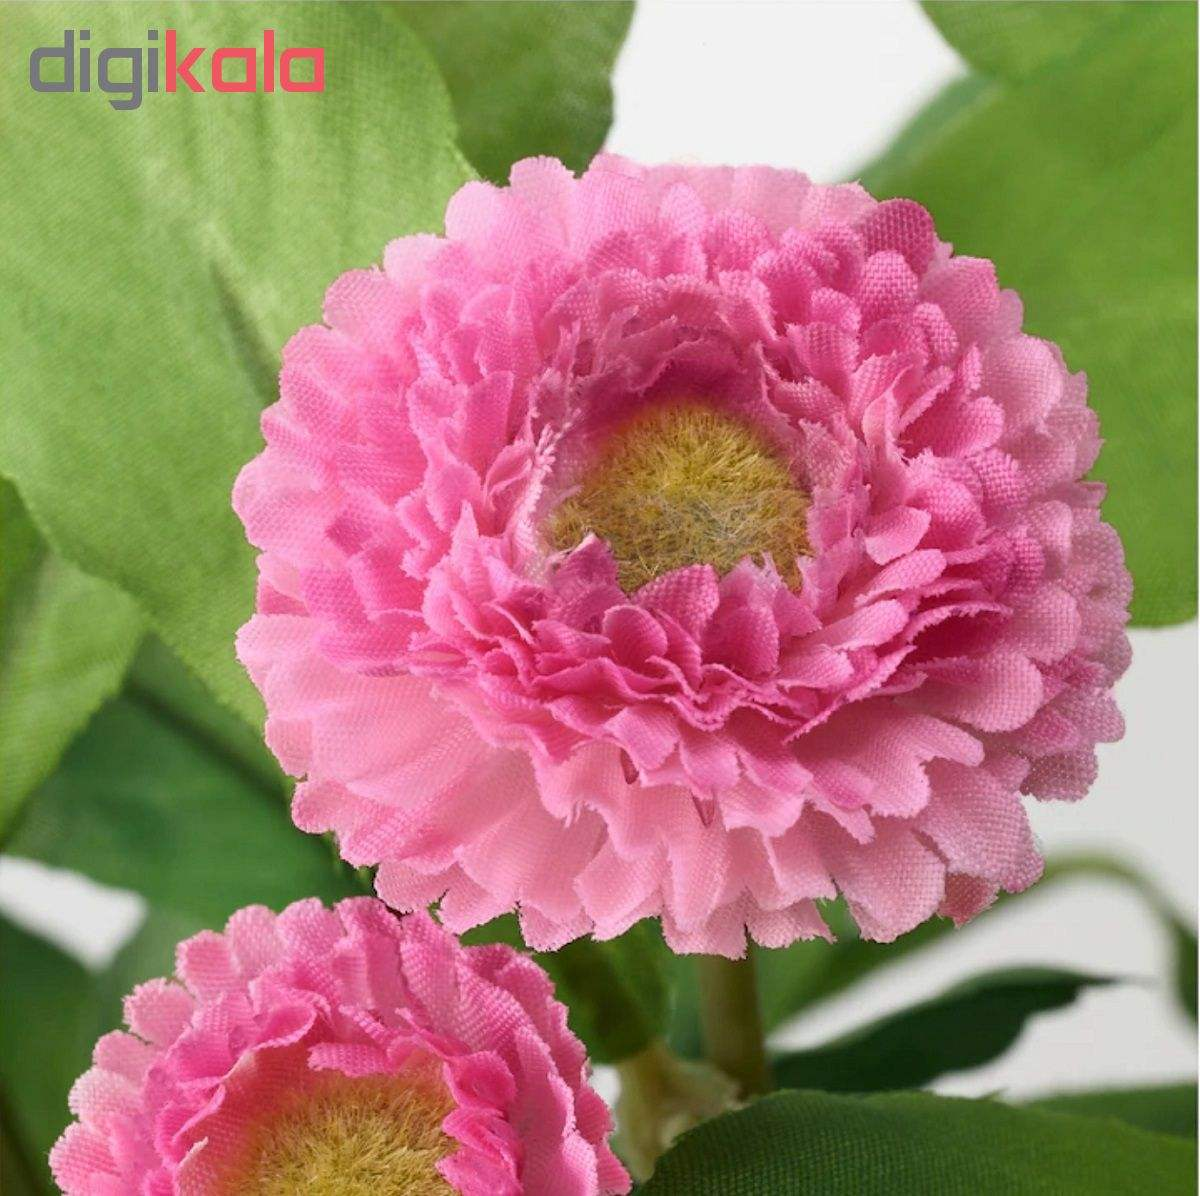 گلدان با گل مصنوعی ایکیا مدل Fejka 70234147  main 1 1